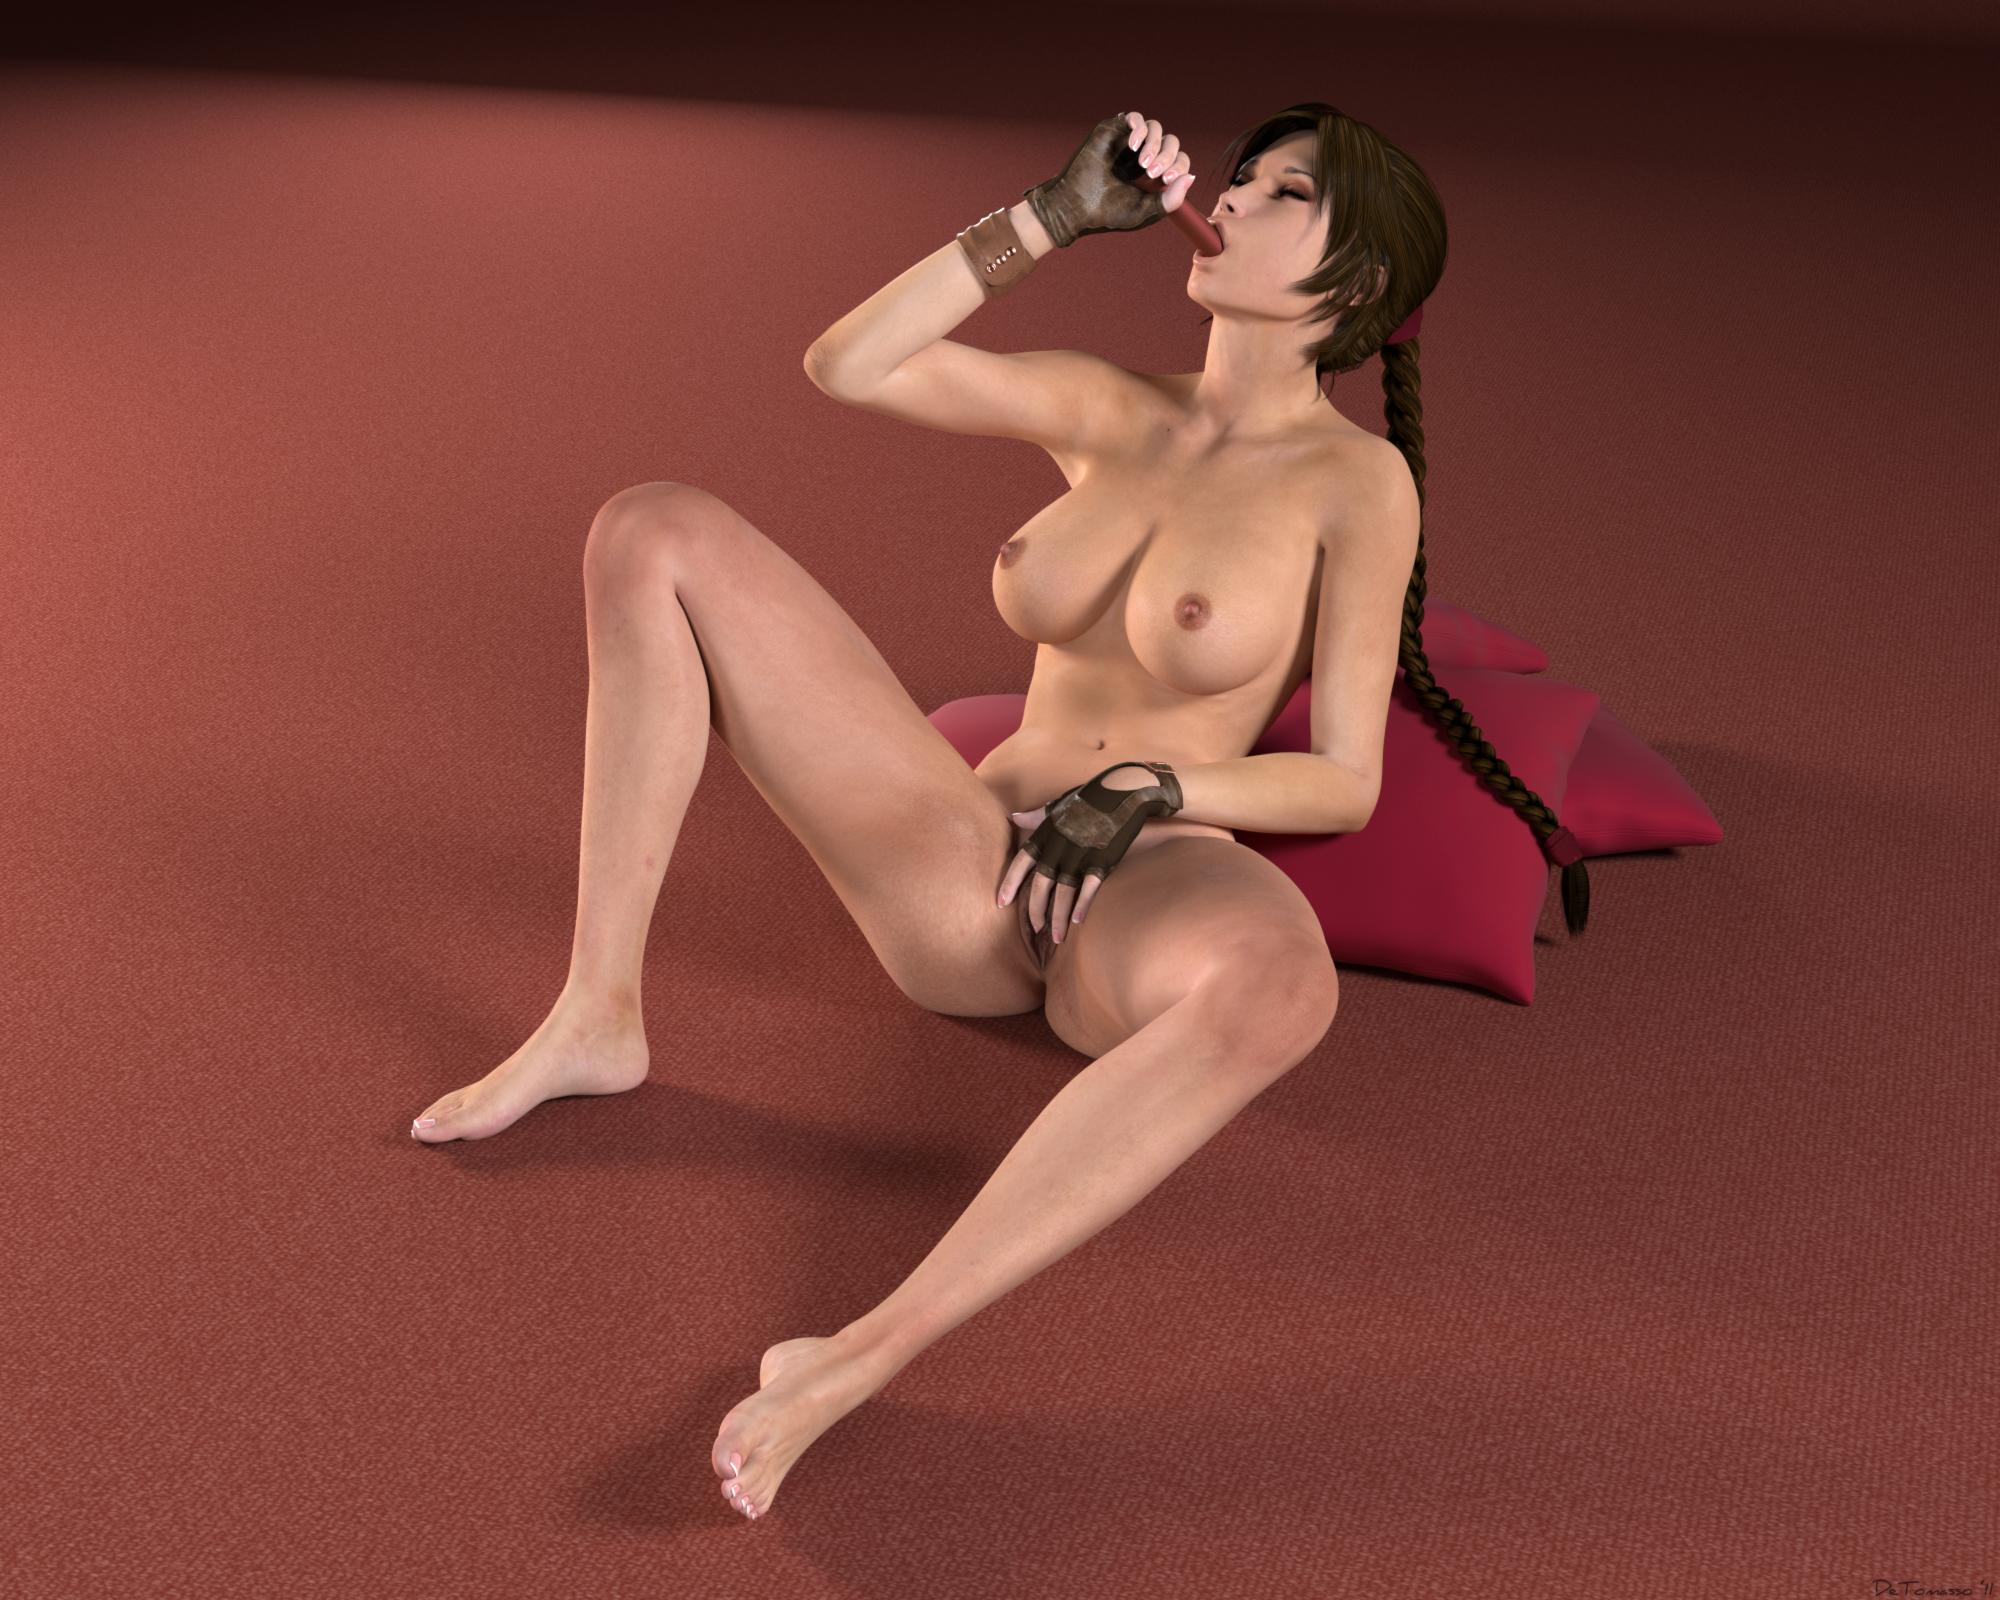 Лара крофт голая киска фото